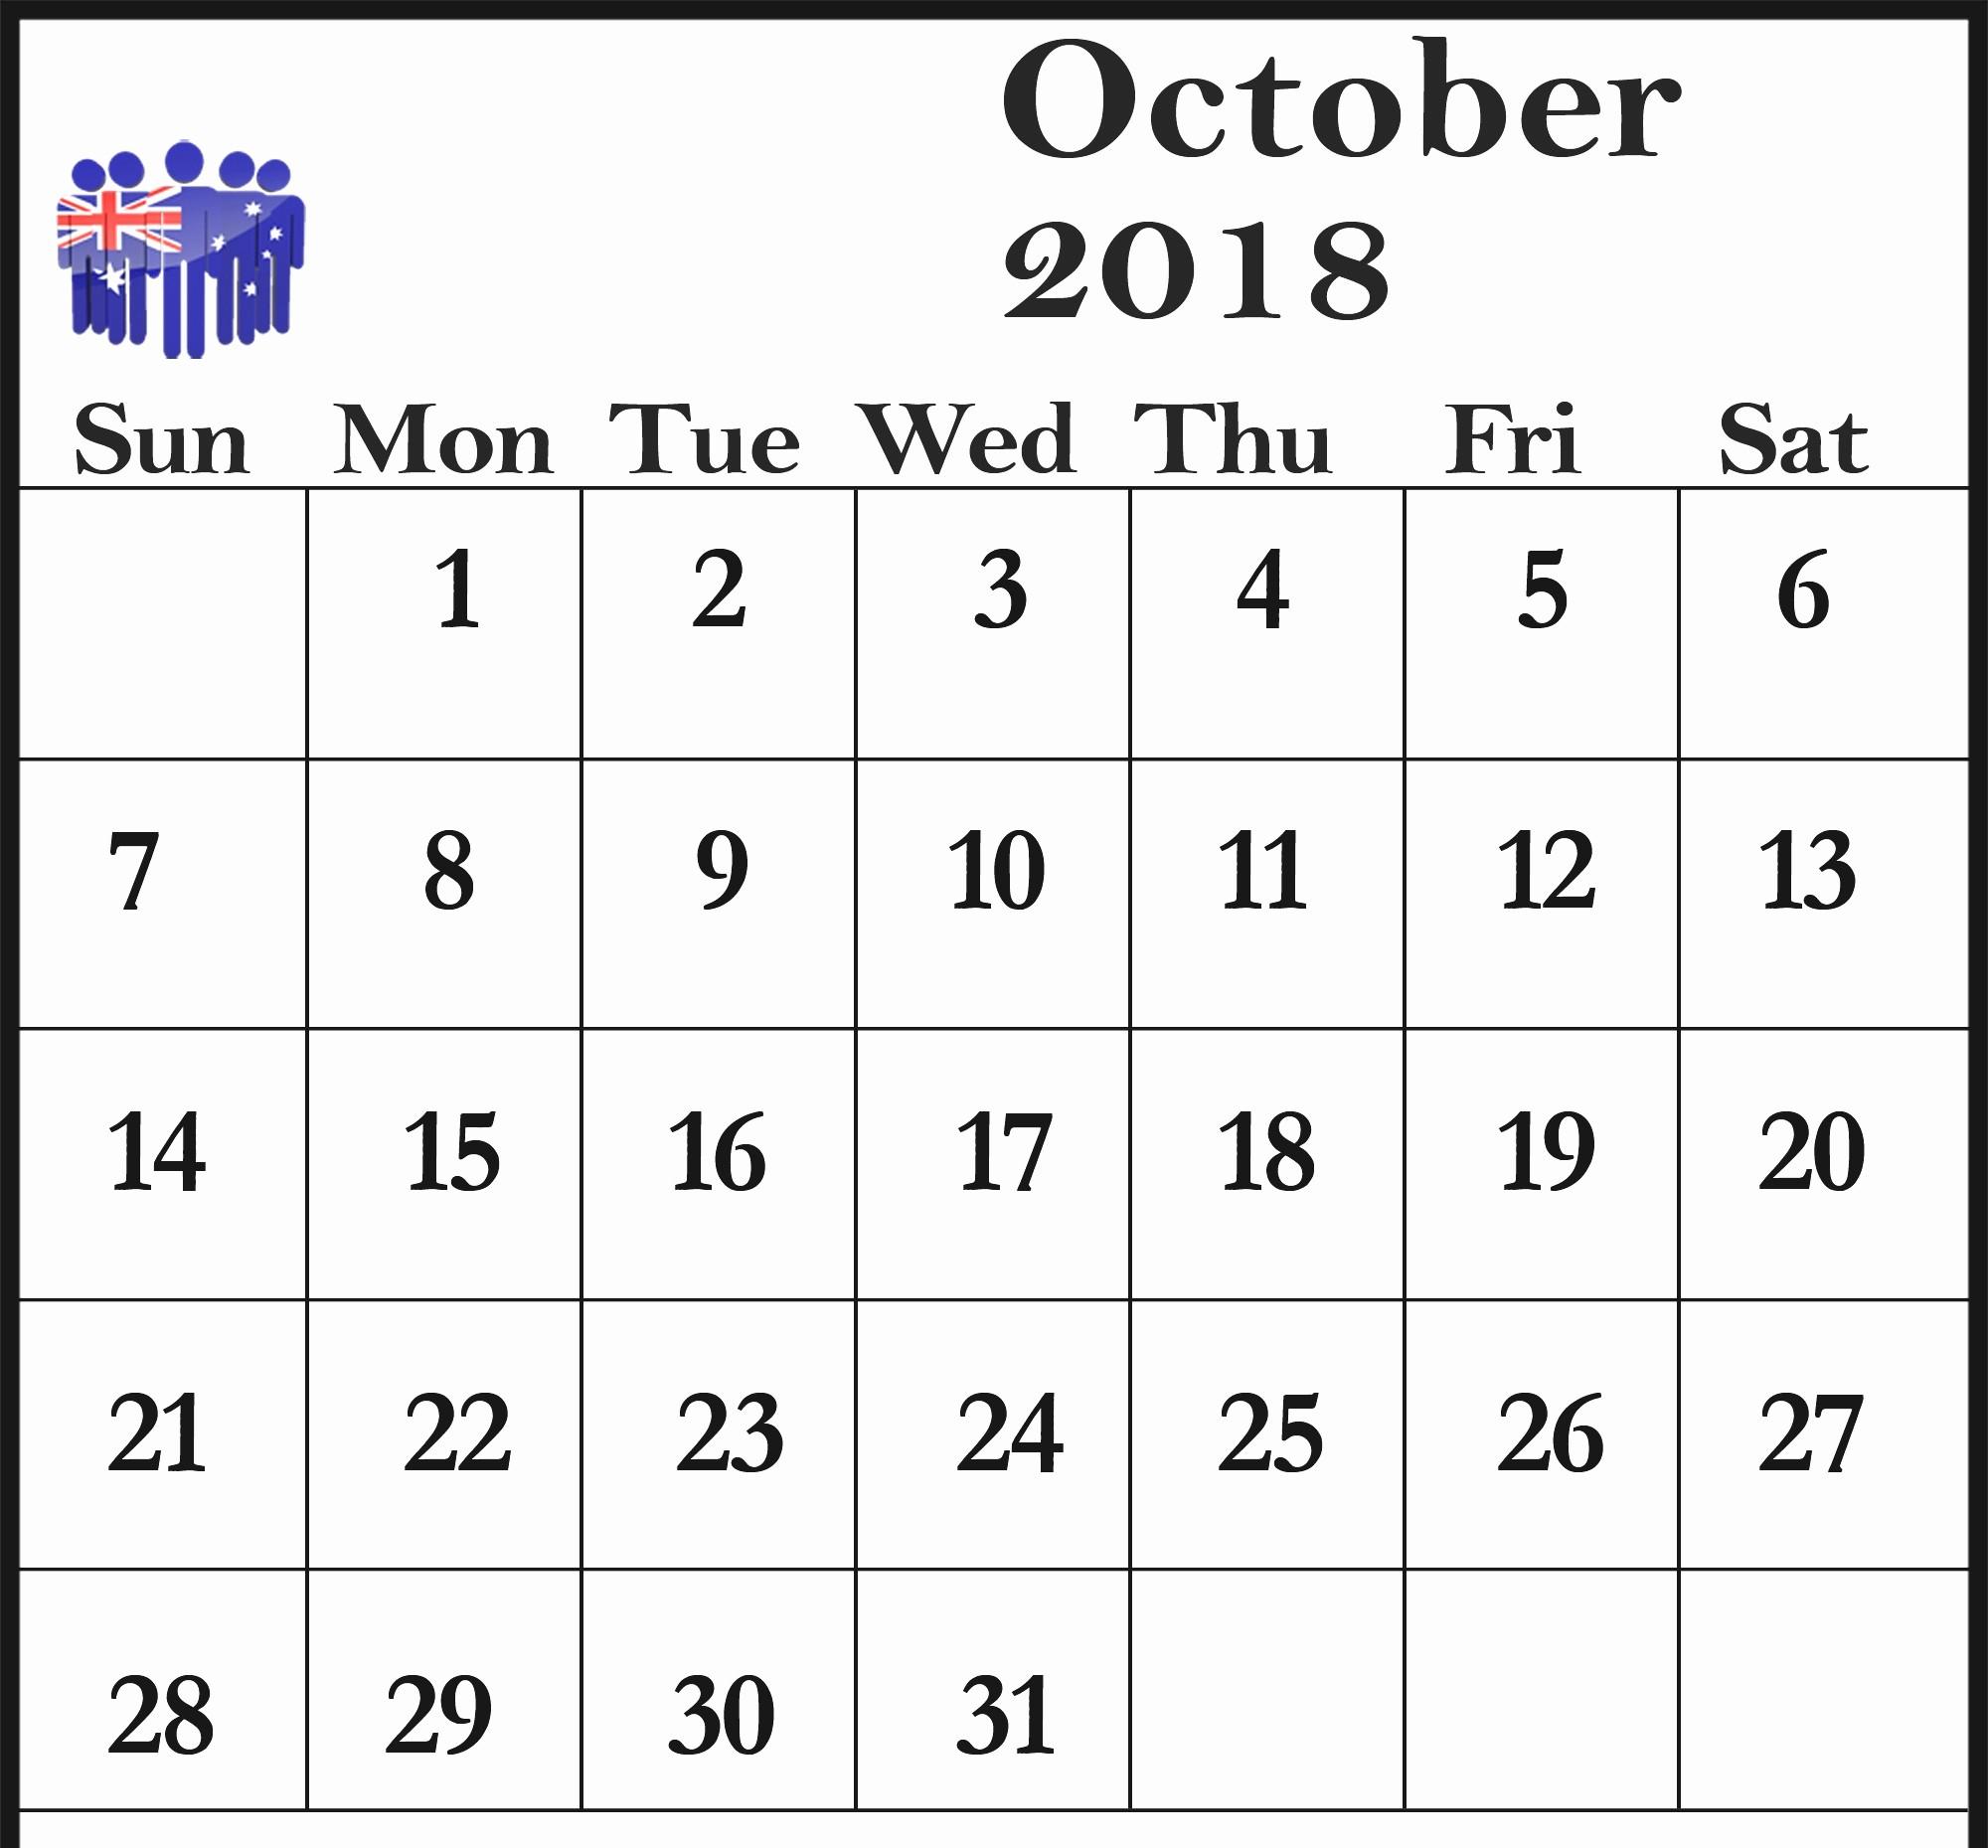 Printable Calendar December 2018 Landscape Lovely Download Template October 2018 Landscape & Portrait